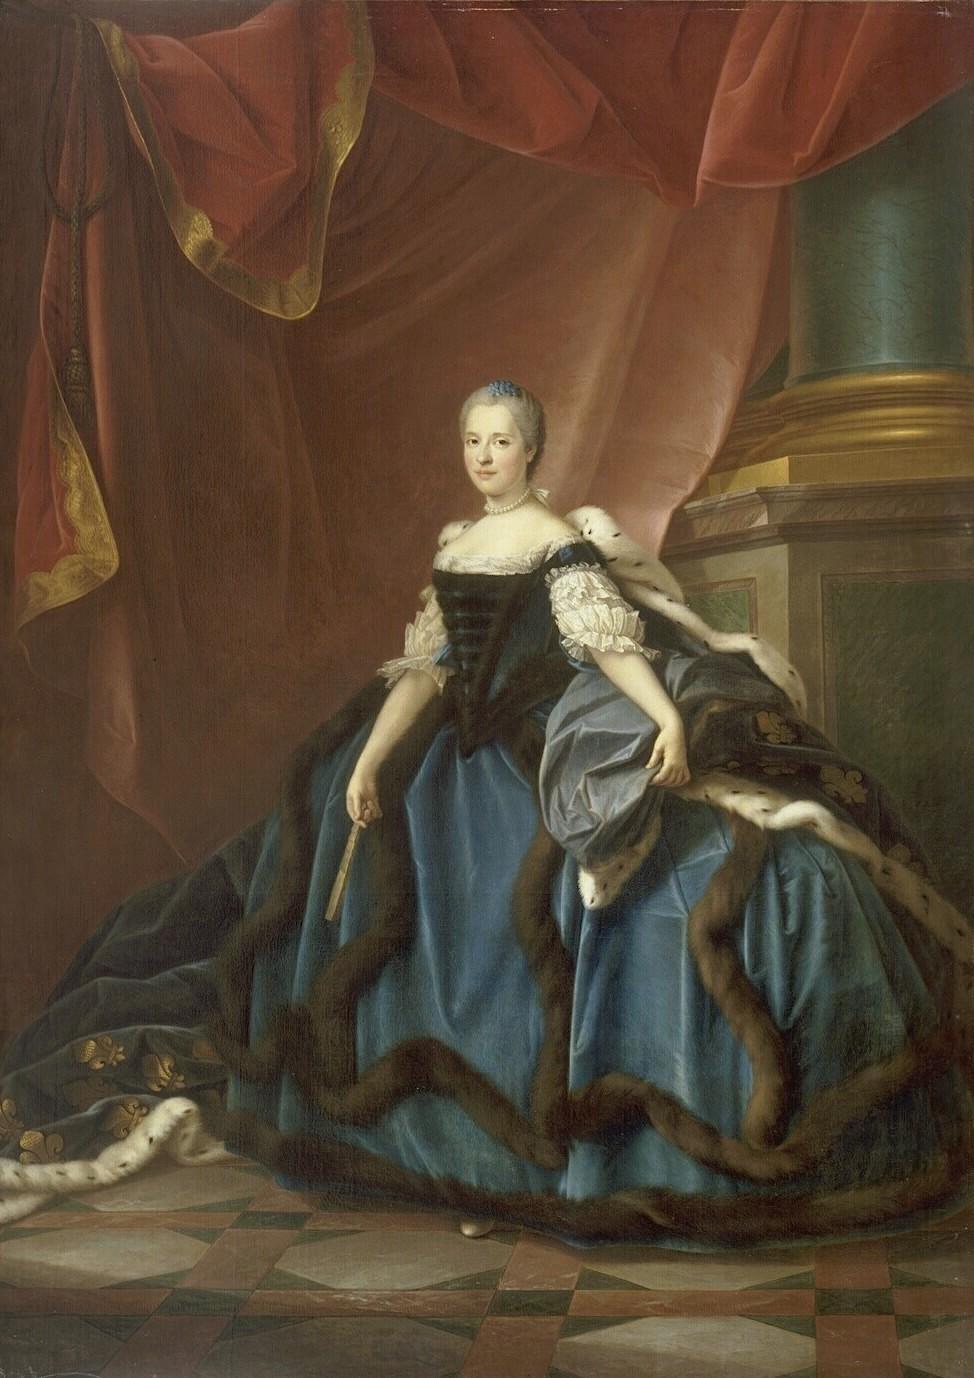 fredou - Portraits de Marie-Antoinette et de la famille royale, par Jean-Martial Frédou Imagep55